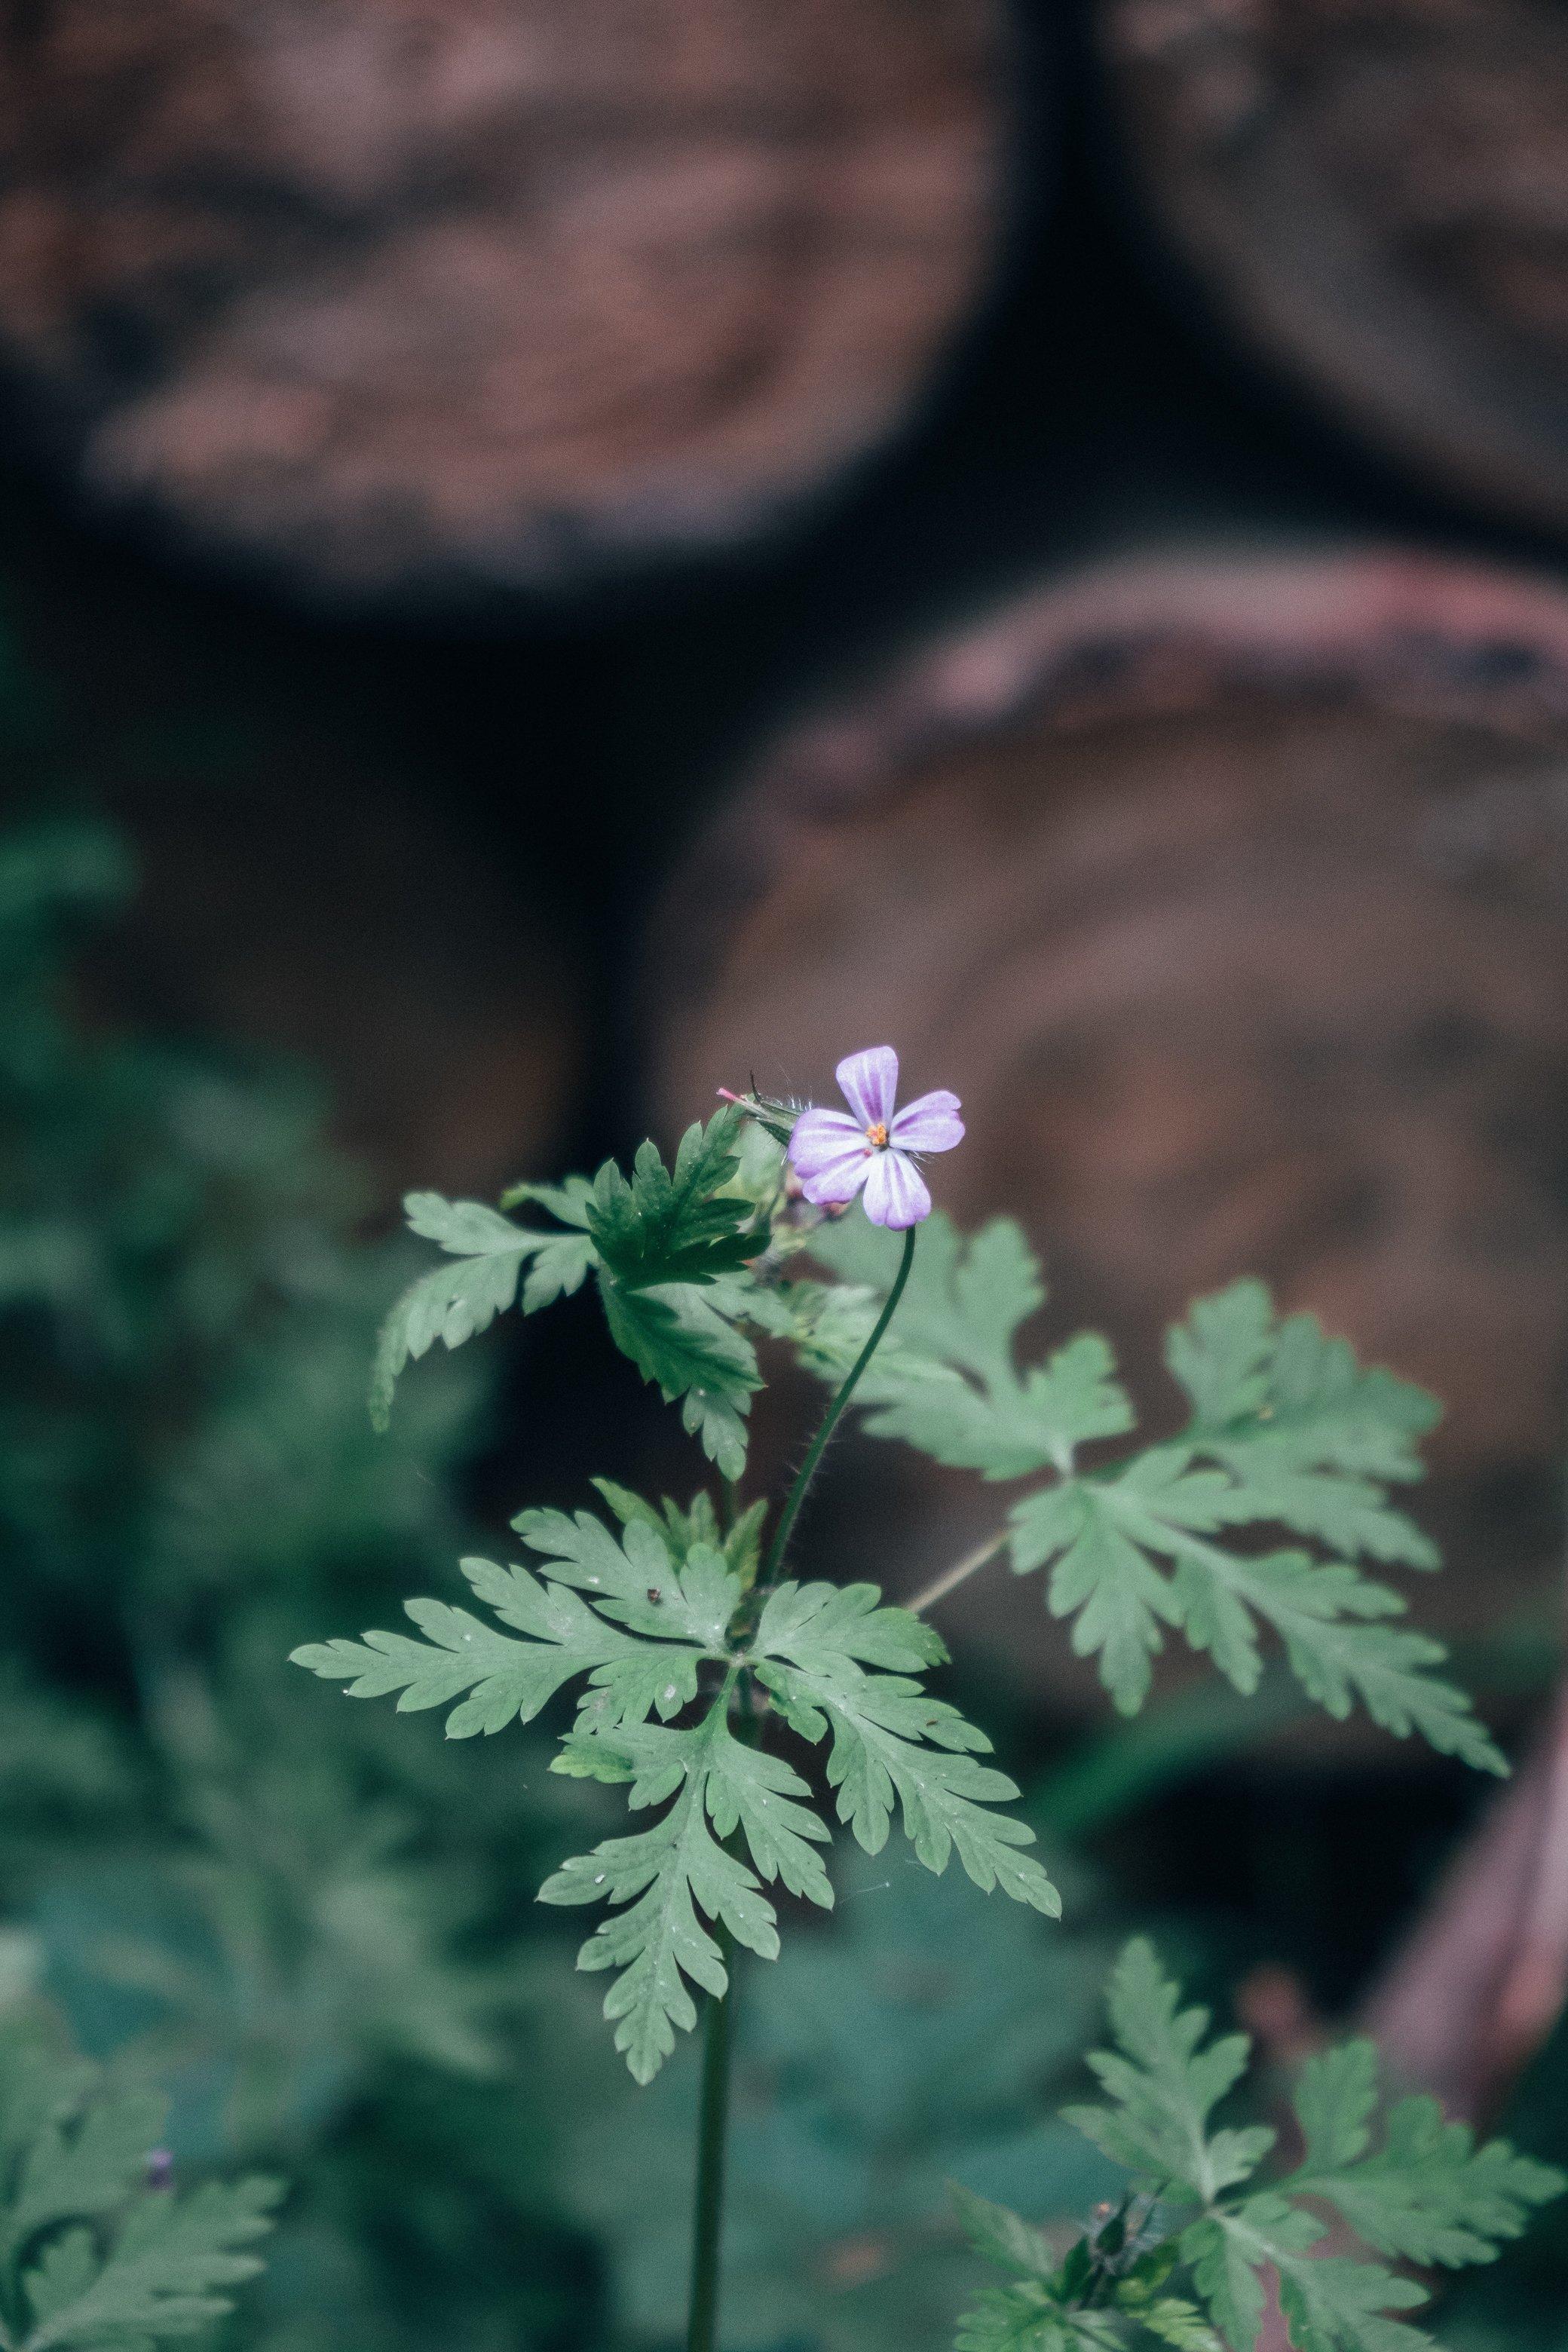 câu nói hay về sự bình tĩnh và bông hoa tím